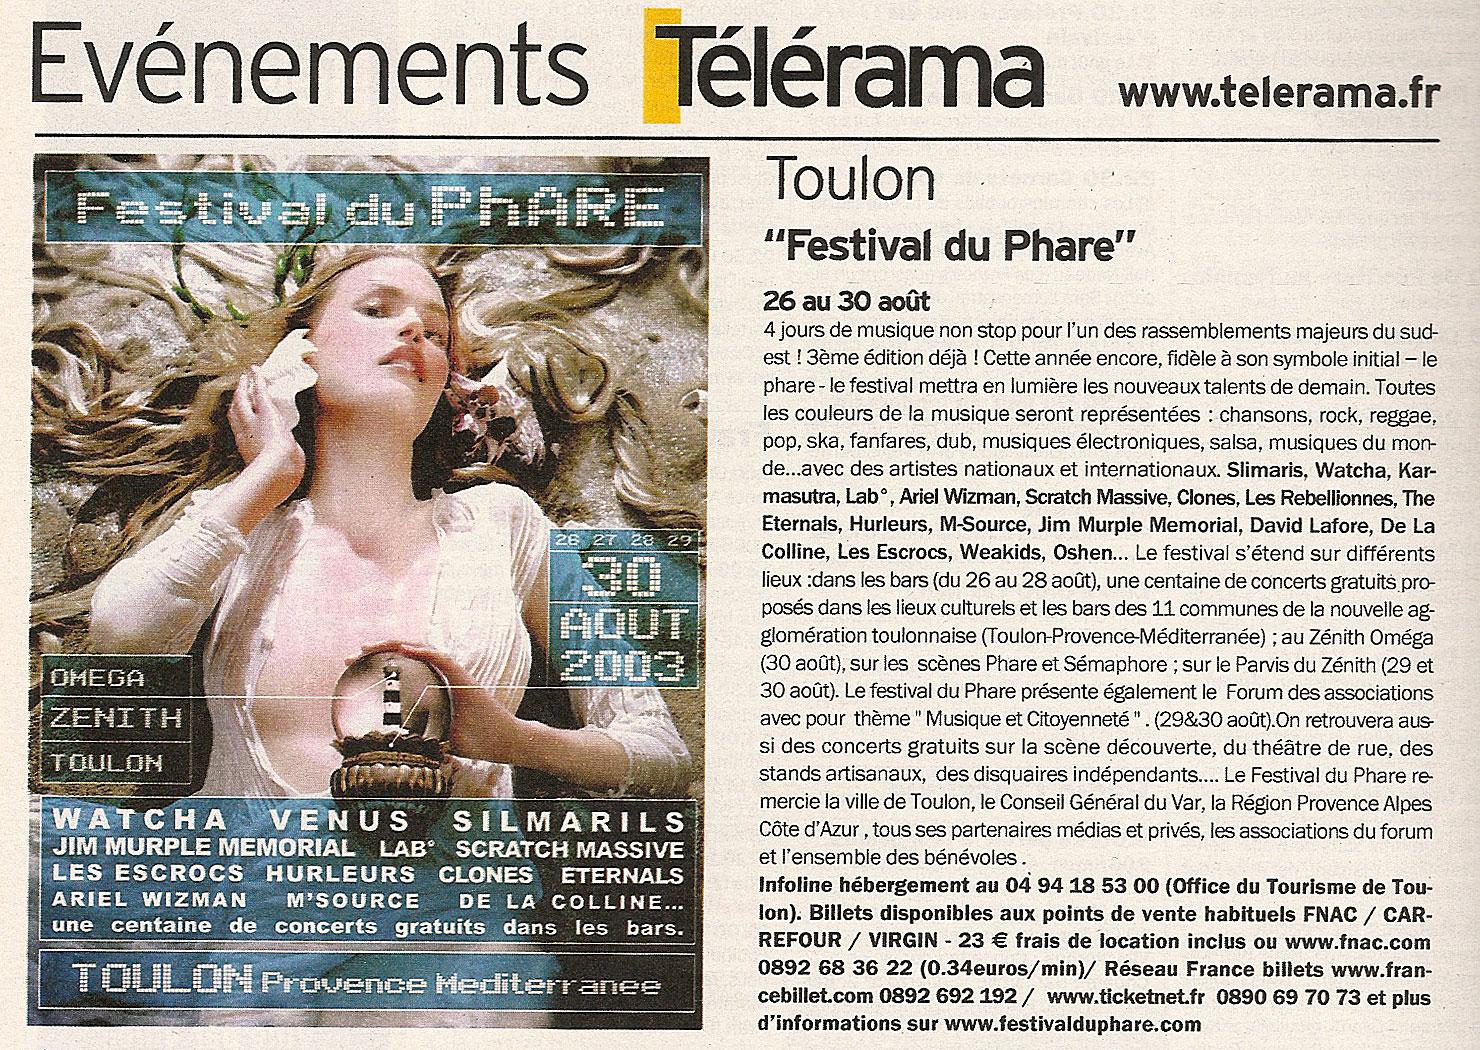 Festival du Phare | Toulon | 2003 | revue de presse Festival du Phare | Toulon | 2003 | revue de presse telerama 2003 festival du phare jean vincent banes